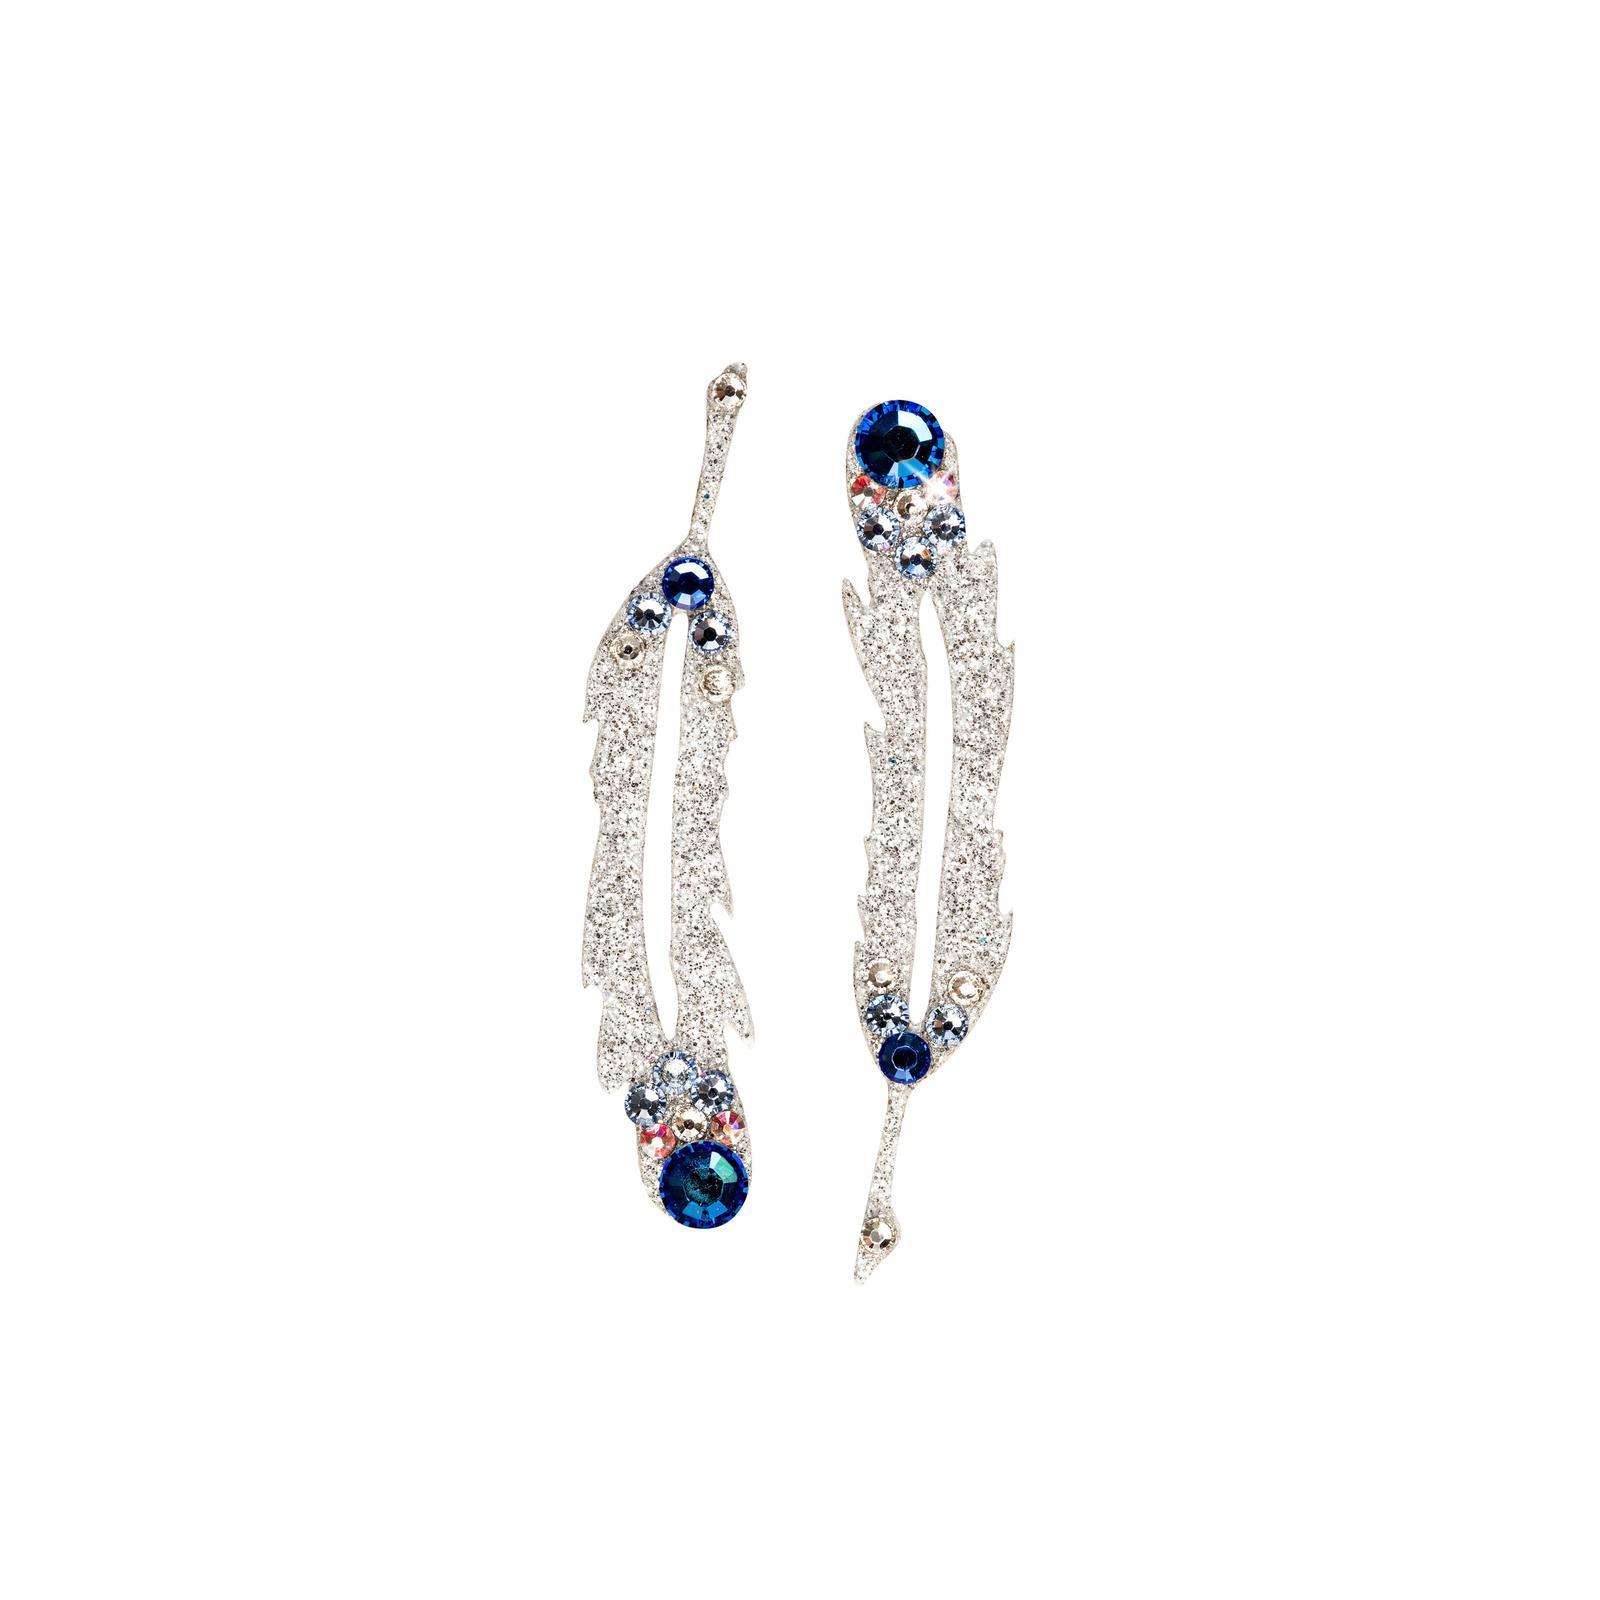 SO.nia nalepovací šperk Hope modrý 2 ks - Obrázek č. 1